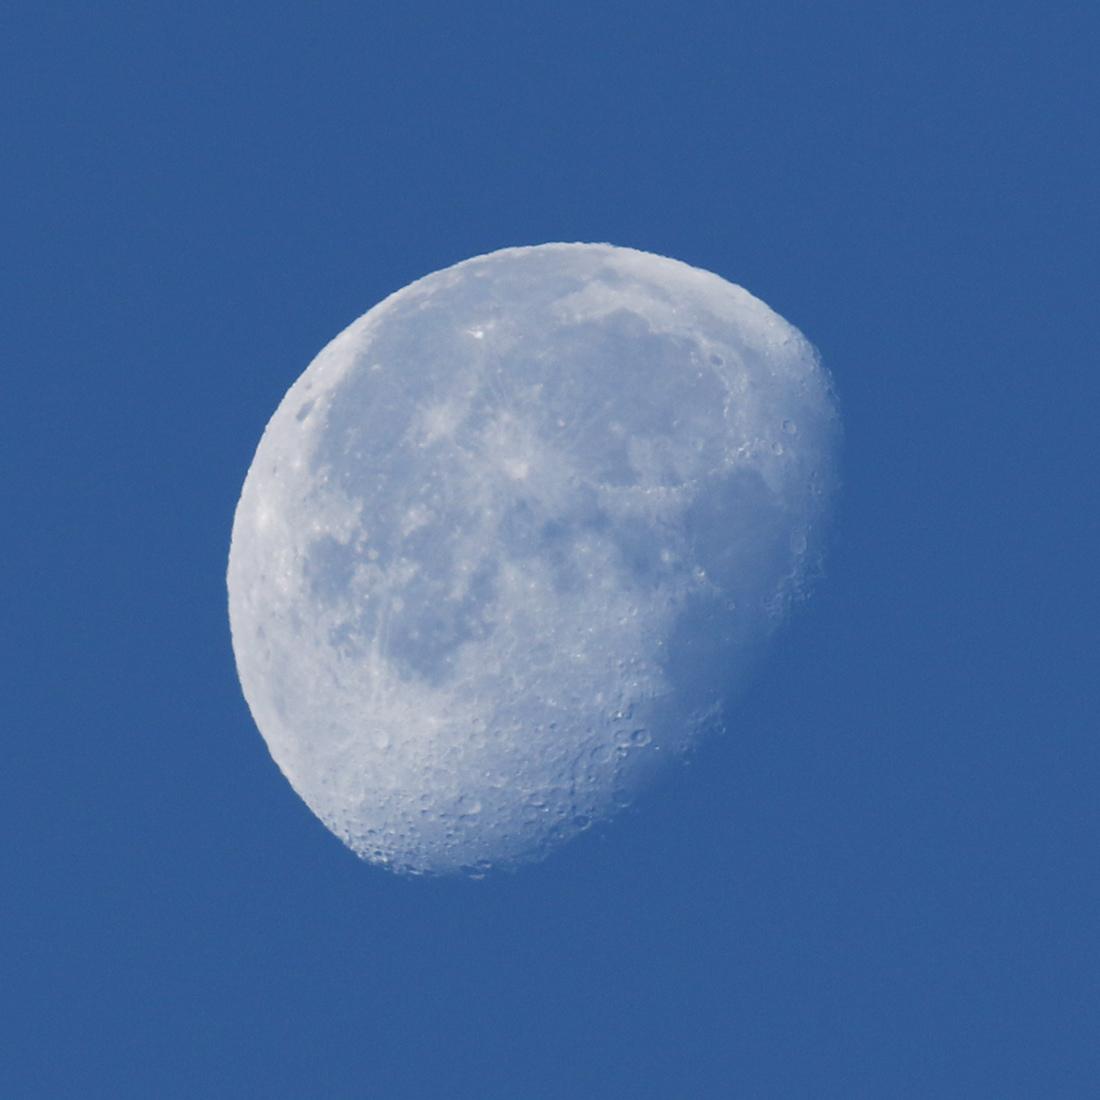 la lune, bleue, au matin du 27/11/2018 (52775/781)